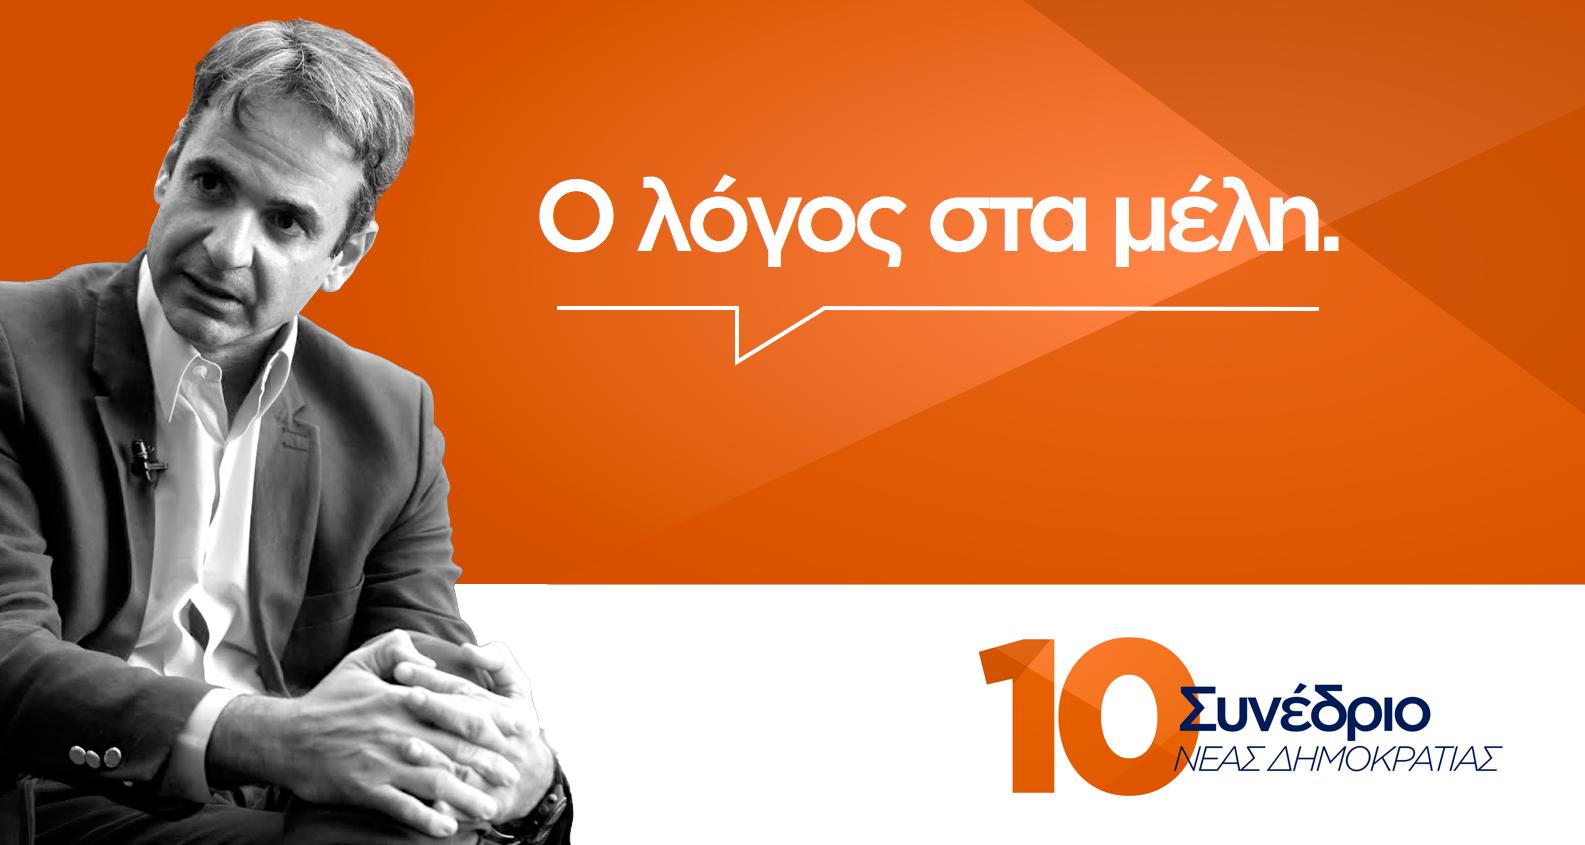 Στις 22-24 Απριλίου πραγματοποιείται το 10ο Τακτικό Συνέδριο της Νέας Δημοκρατίας. #nd Όλα όσα πρέπει να ξέρεις για το Συνέδριο της Νέας Δημοκρατίας